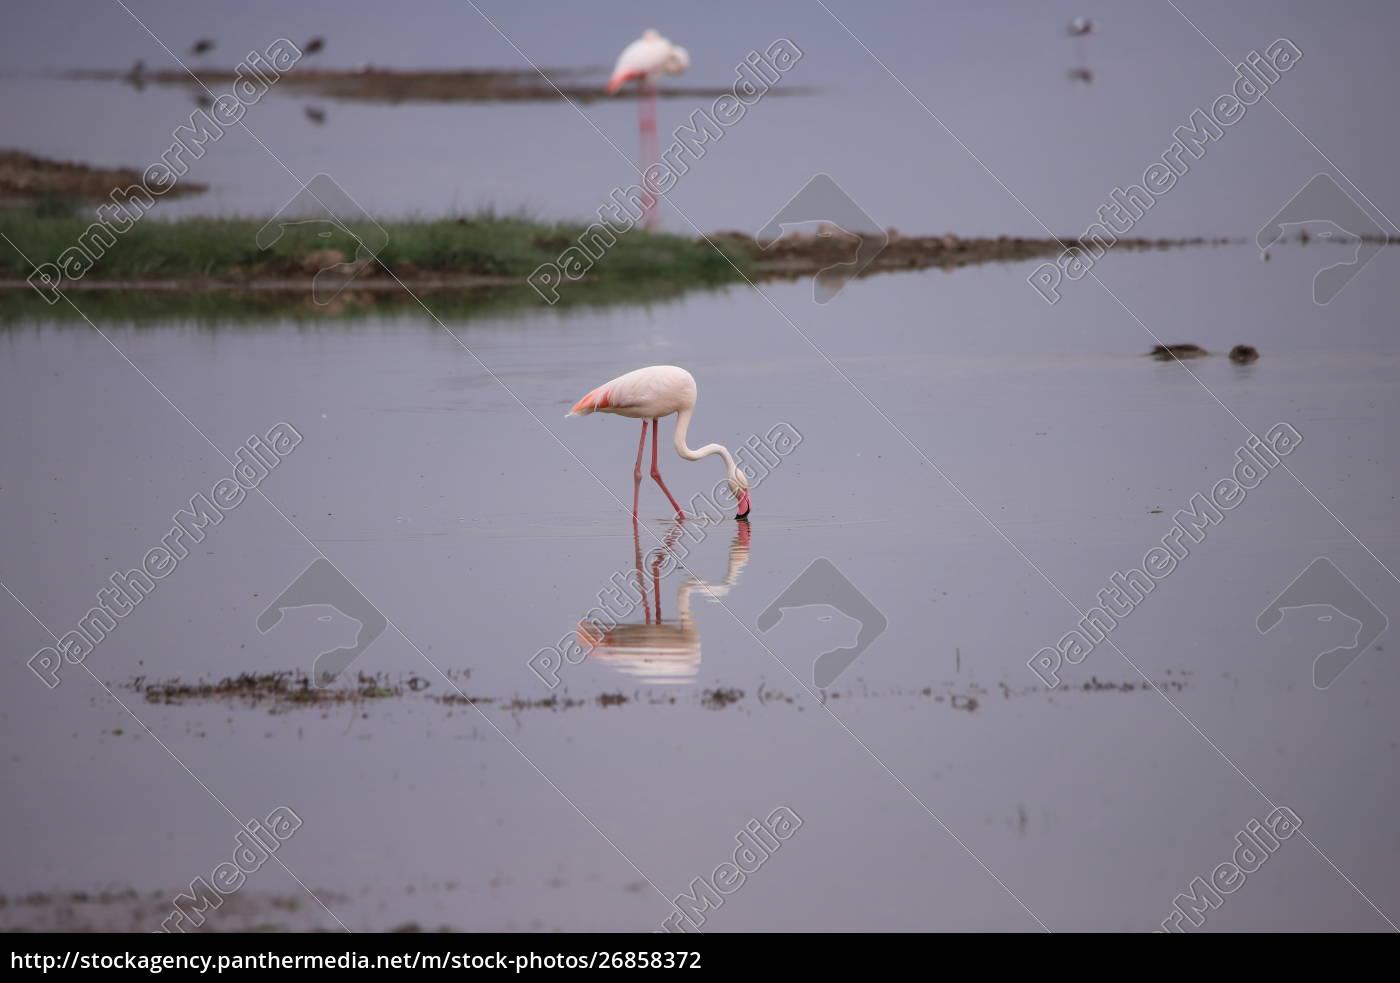 flamingo, steht, in, einem, see - 26858372